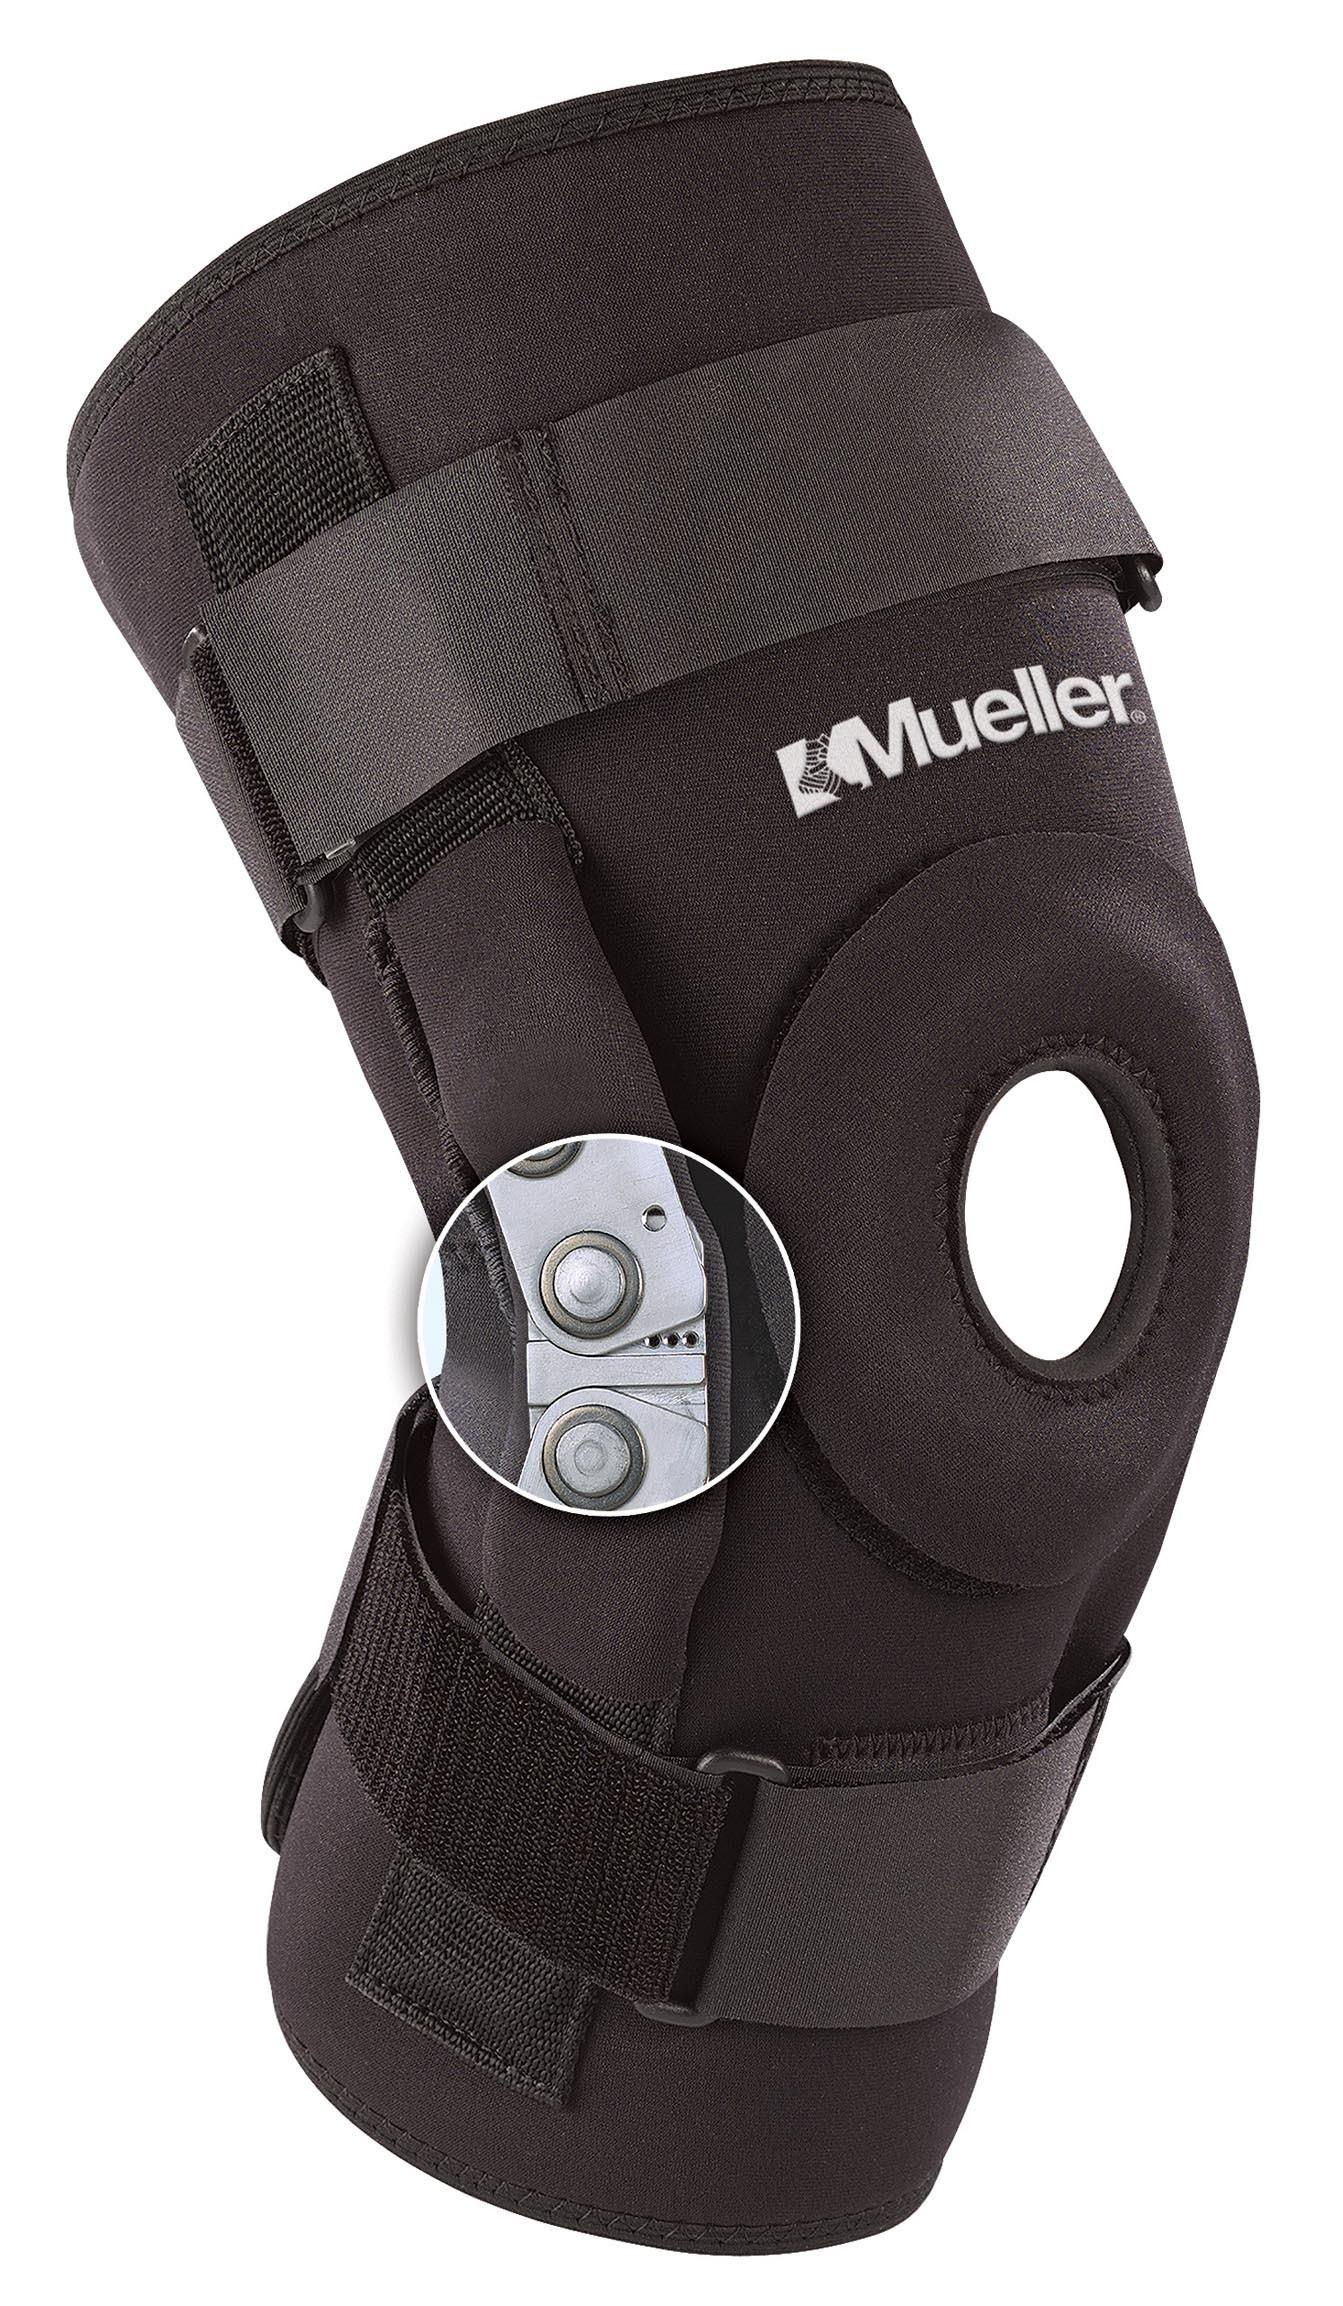 Mueller 5333 / Профессиональный  шарнирный бандаж на колено / черный. Подходит для окружности бедра до 71 см.